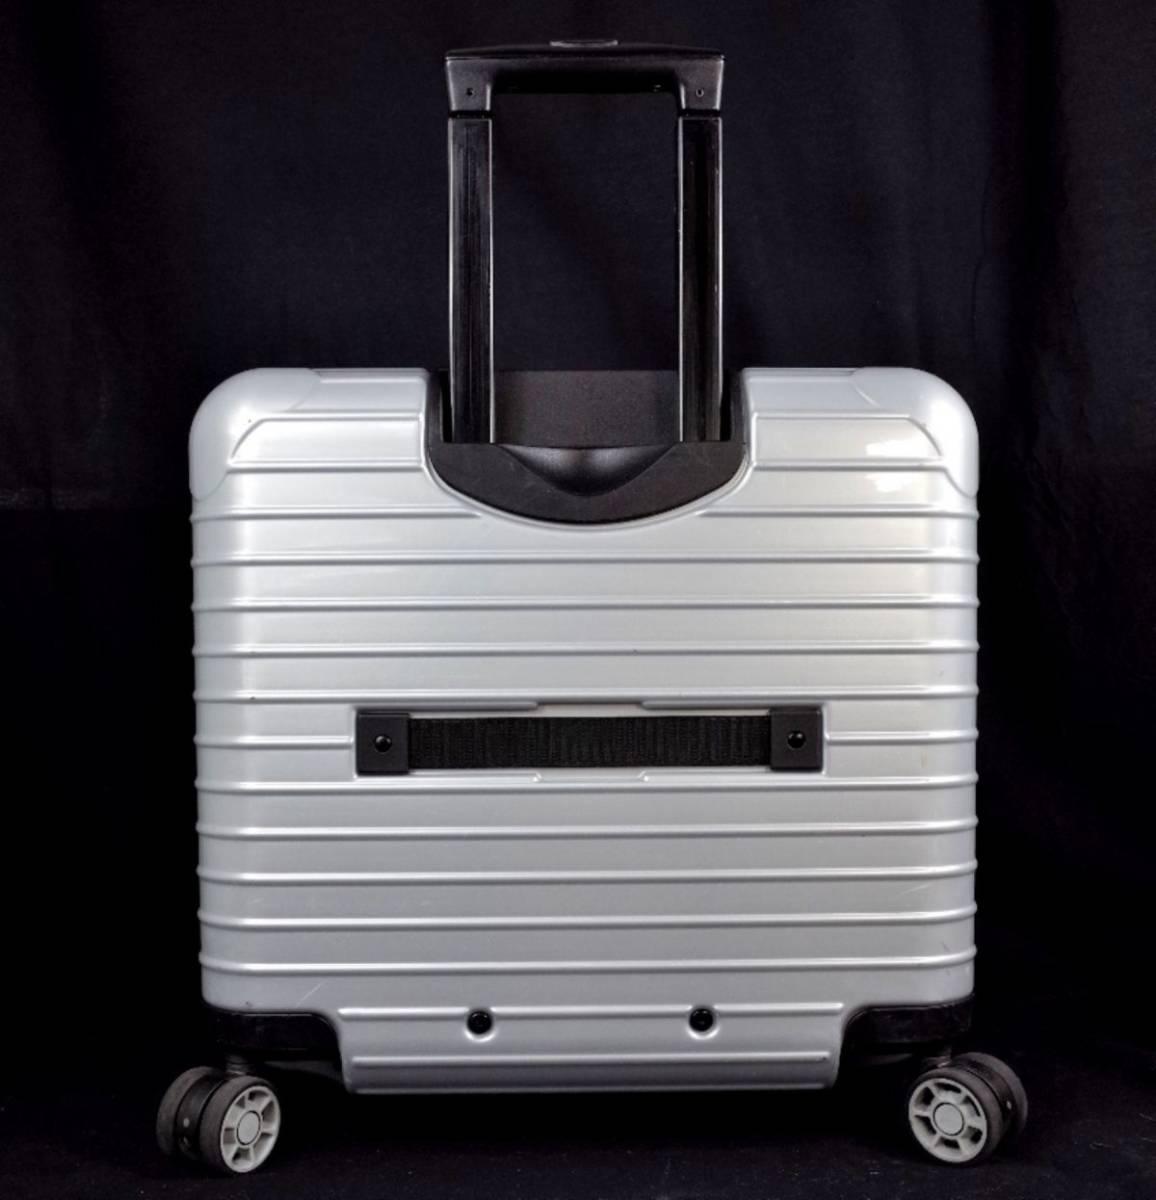 RIMOWA リモワ 844.40『SALSA サルサ』 ビジネス トローリー 4輪 TSAロック 27L(人気完売色:クラッシックシルバー) 美品  _画像4